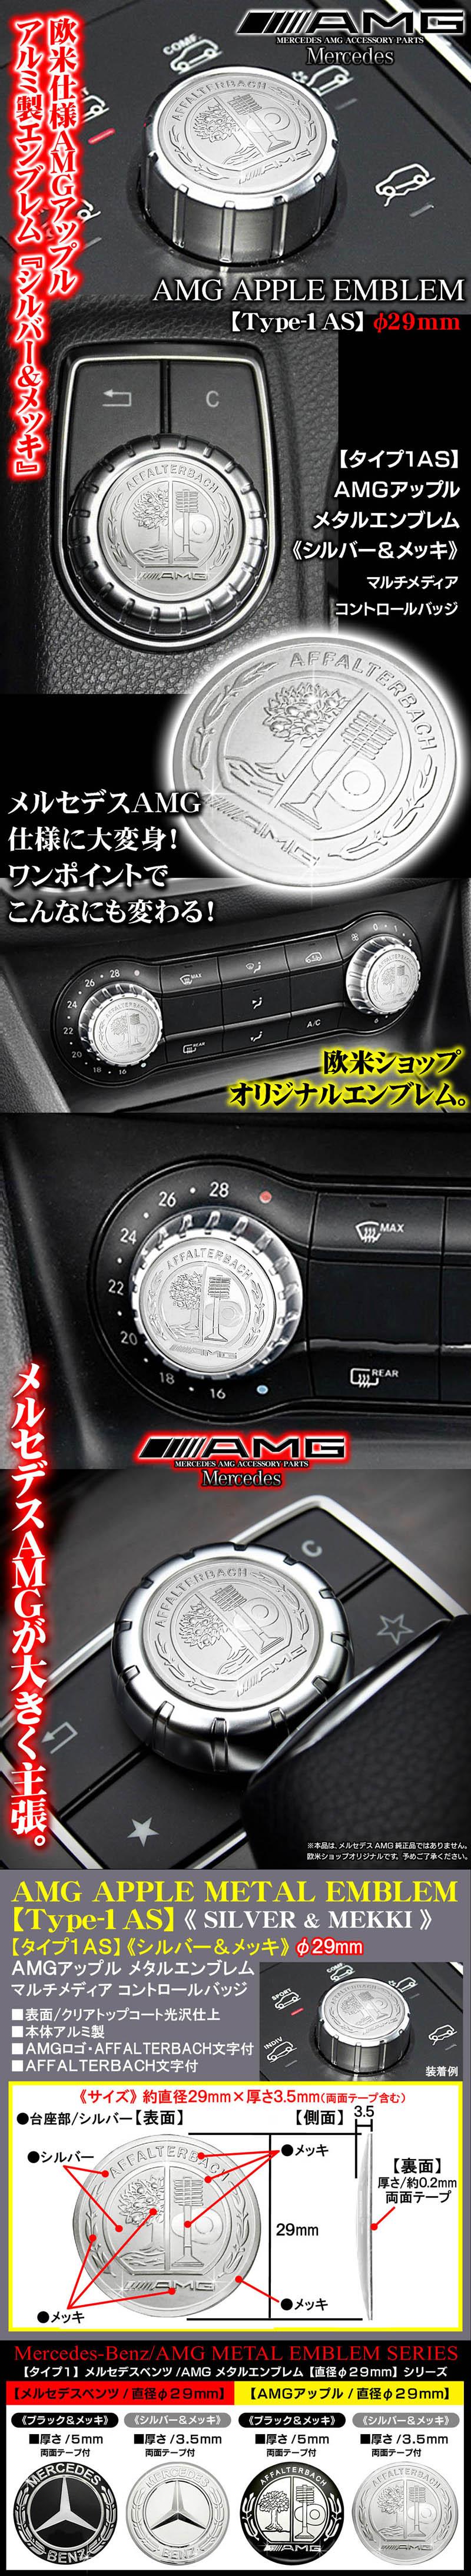 タイプ1AS/2P[AMGアップルΦ29mm/2個]シルバー&メッキ[メルセデスベンツ/アルミ製3Dエンブレム/両面テープ止め]各種マルチメディア コントロールノブ部用バッジ/ブラガ